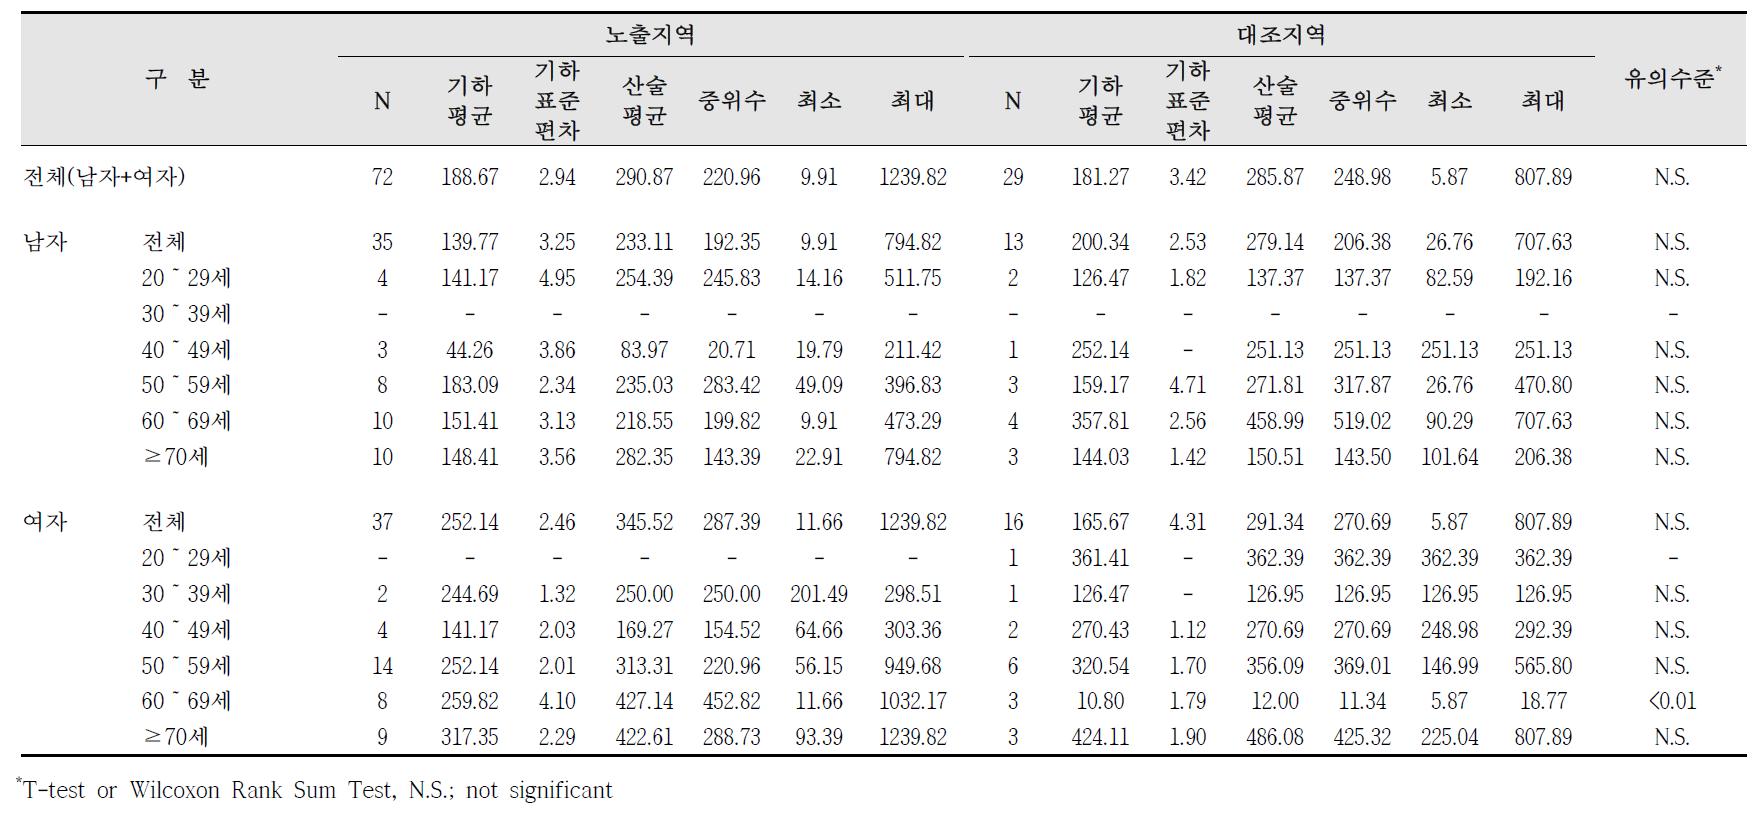 대산산업단지 요중 HA 농도 비교